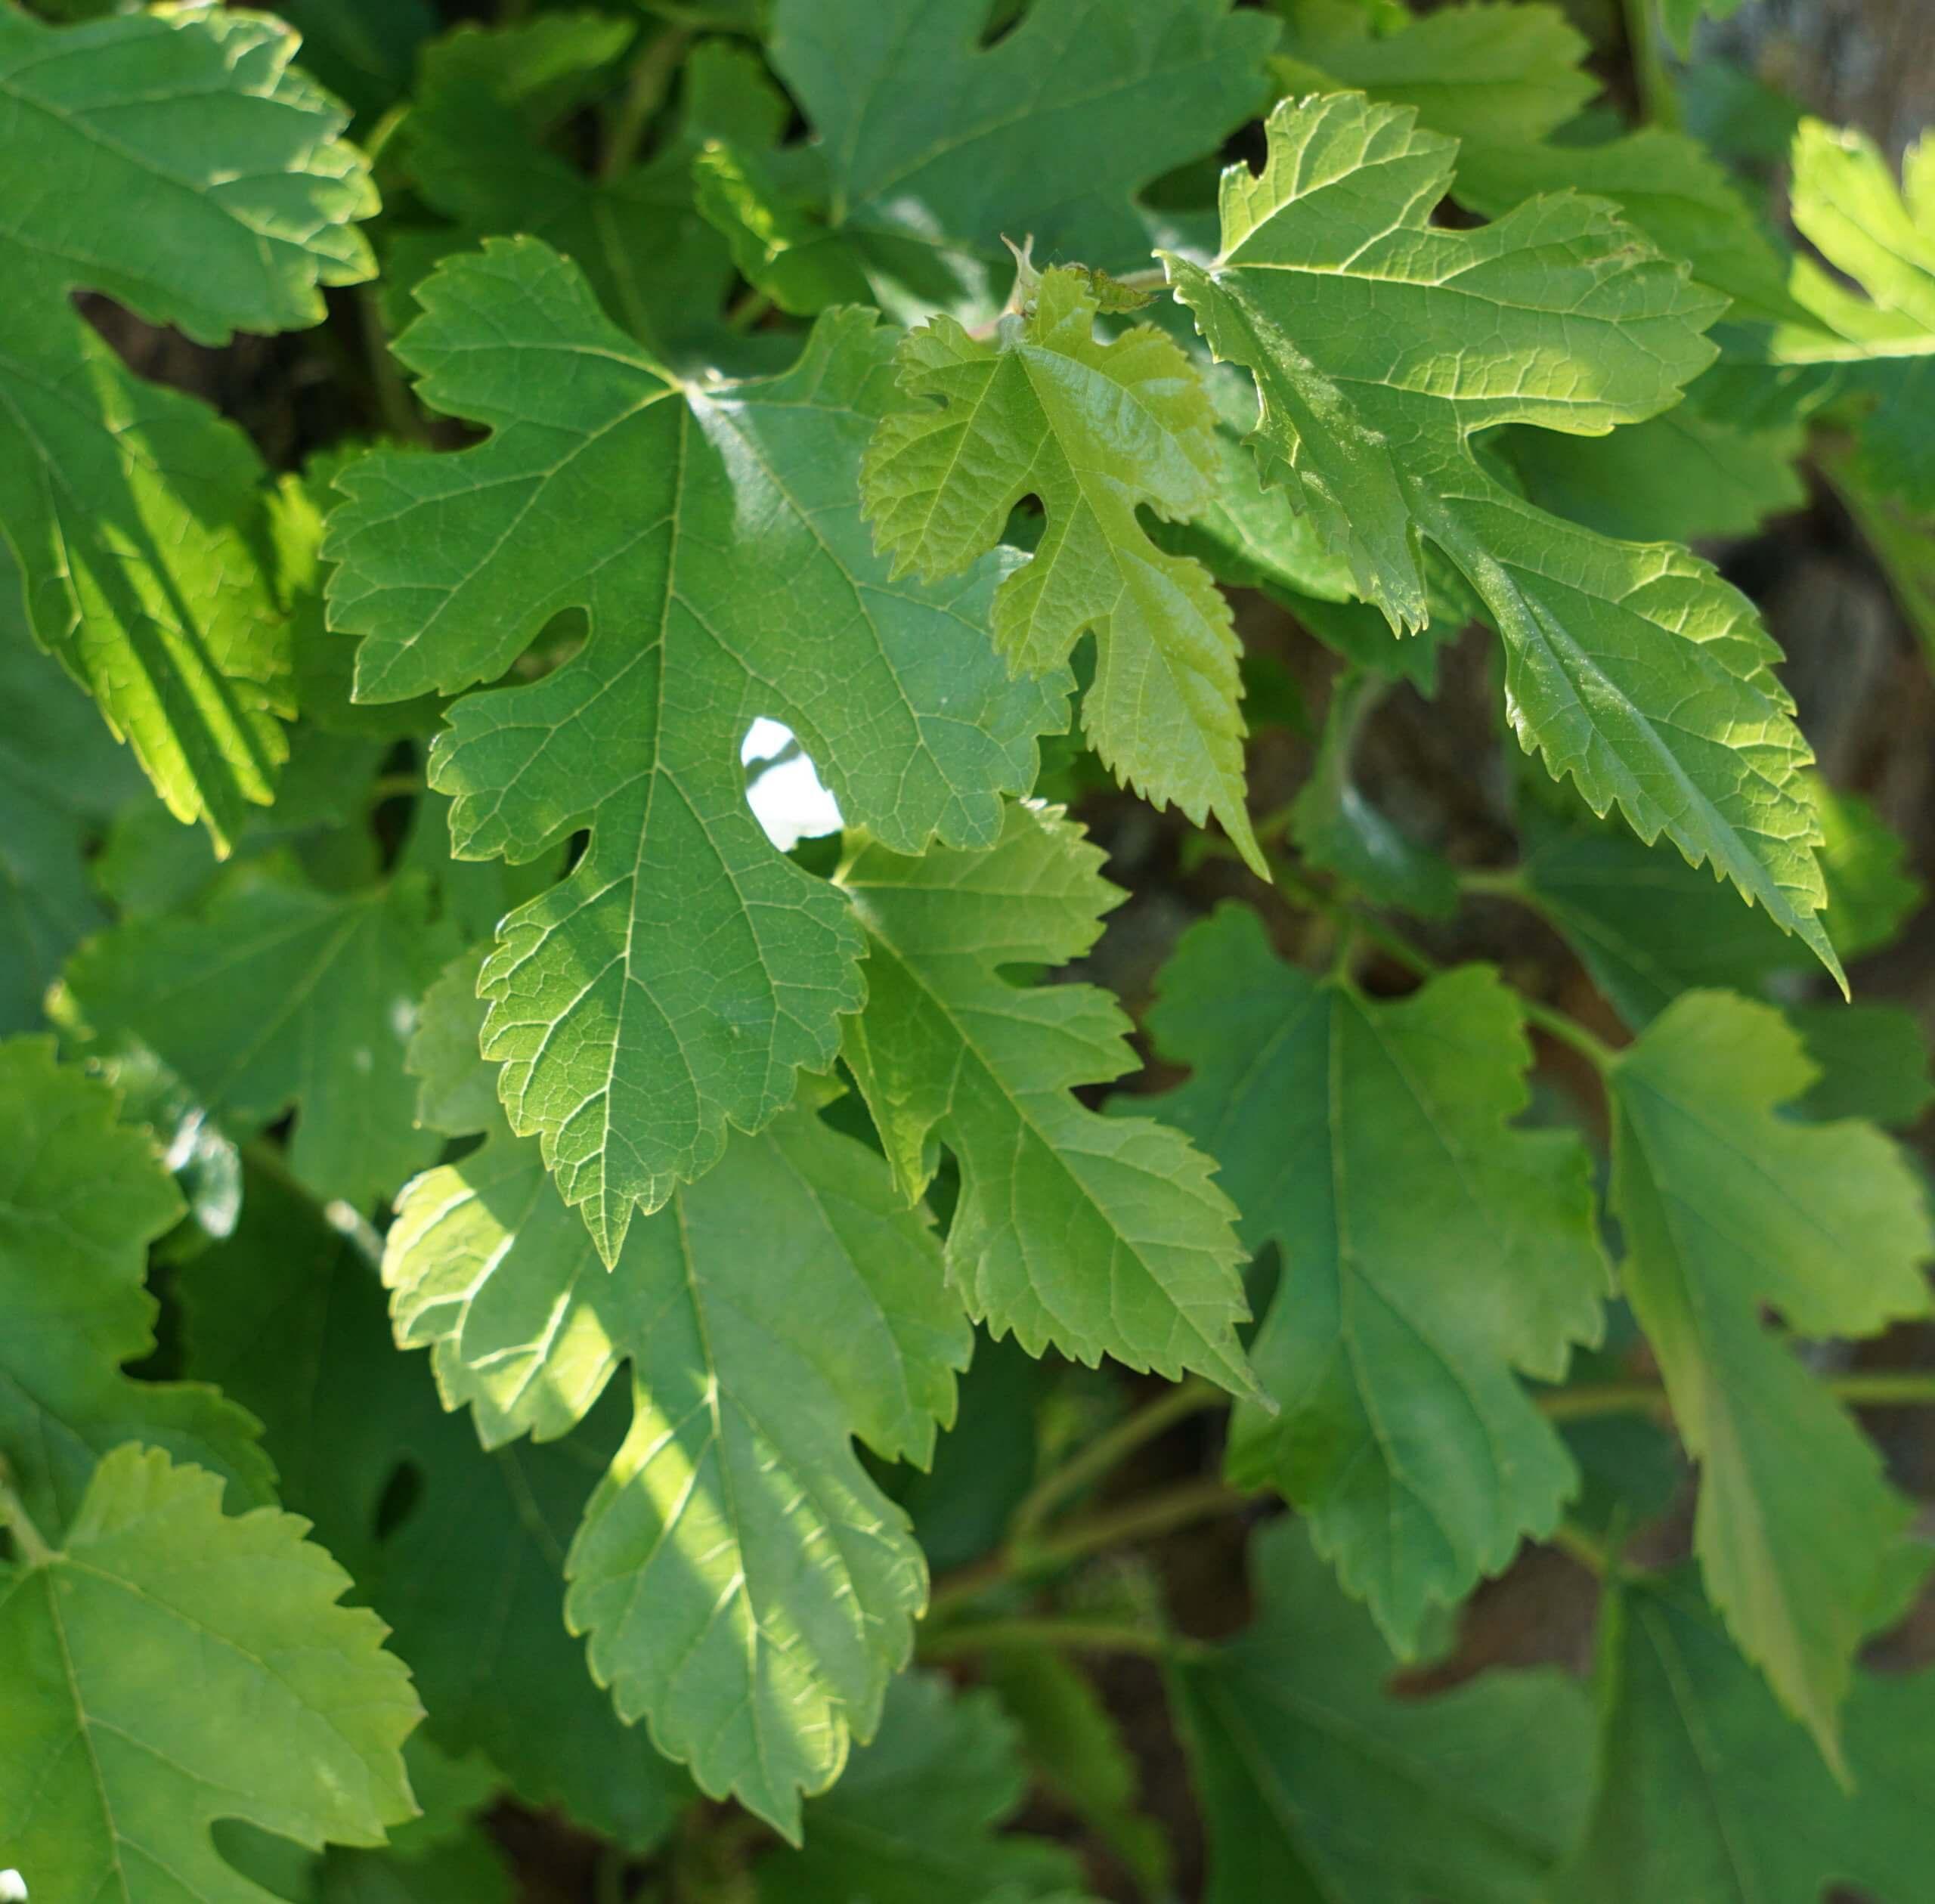 Das Bild zeigt Laubblätter des Weißen Maulbeerbaums, die den gelappten Blatt-Typ präsentieren. Diese sind beim Schwarzen Maulbeerbaum nicht vorhanden. Hier diese Laubblätter an einem Exemplar an der Venusstraße im Kosmosviertel, Ende Mai 2021.